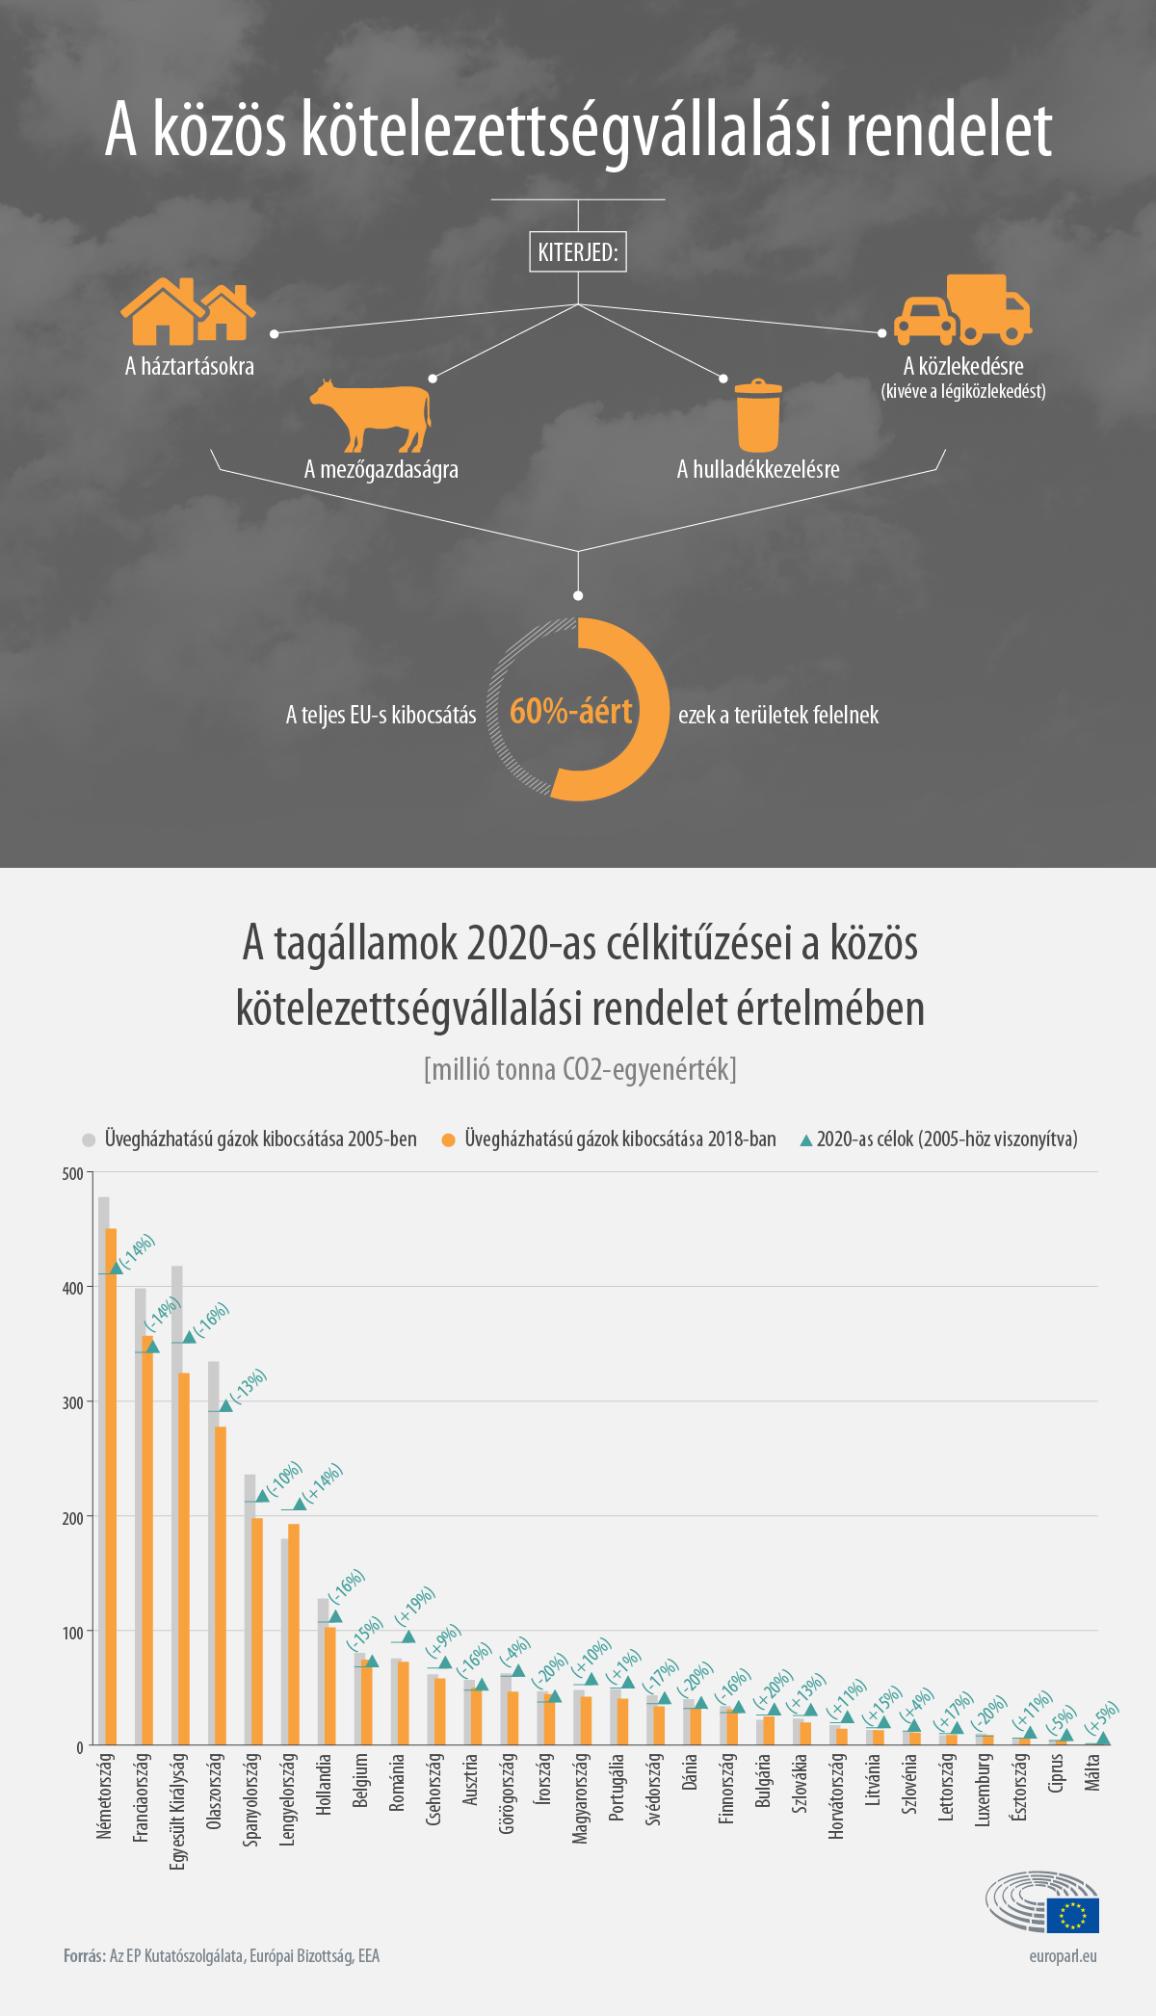 Infografika a közös kötelezettségvállalási rendeletről, az EU tagállamok nemzeti céljairól az üvegházhatású gázok kibocsátásának csökkentésére